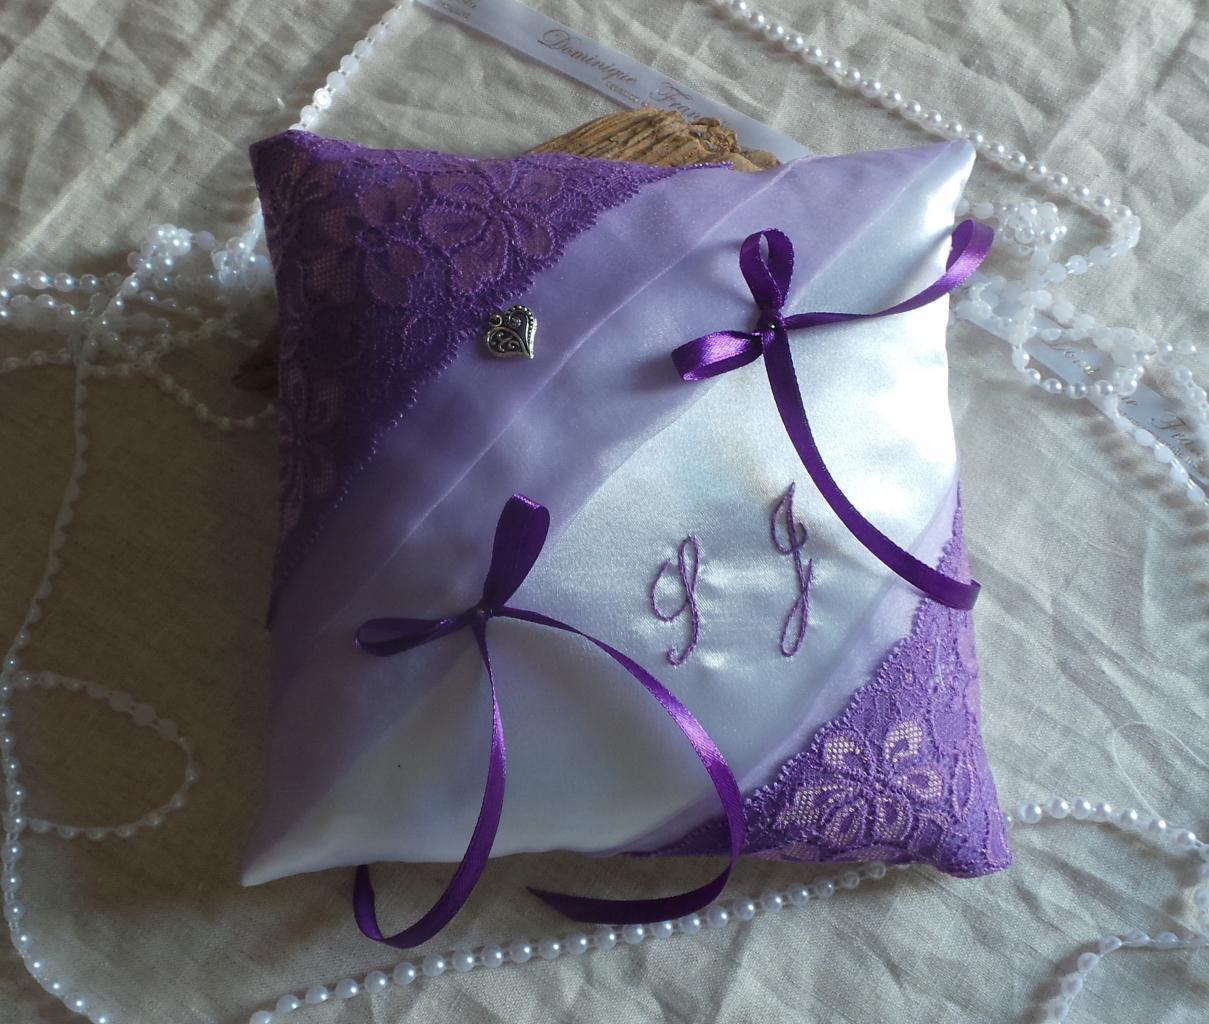 coussin alliances chic parme violet (2)